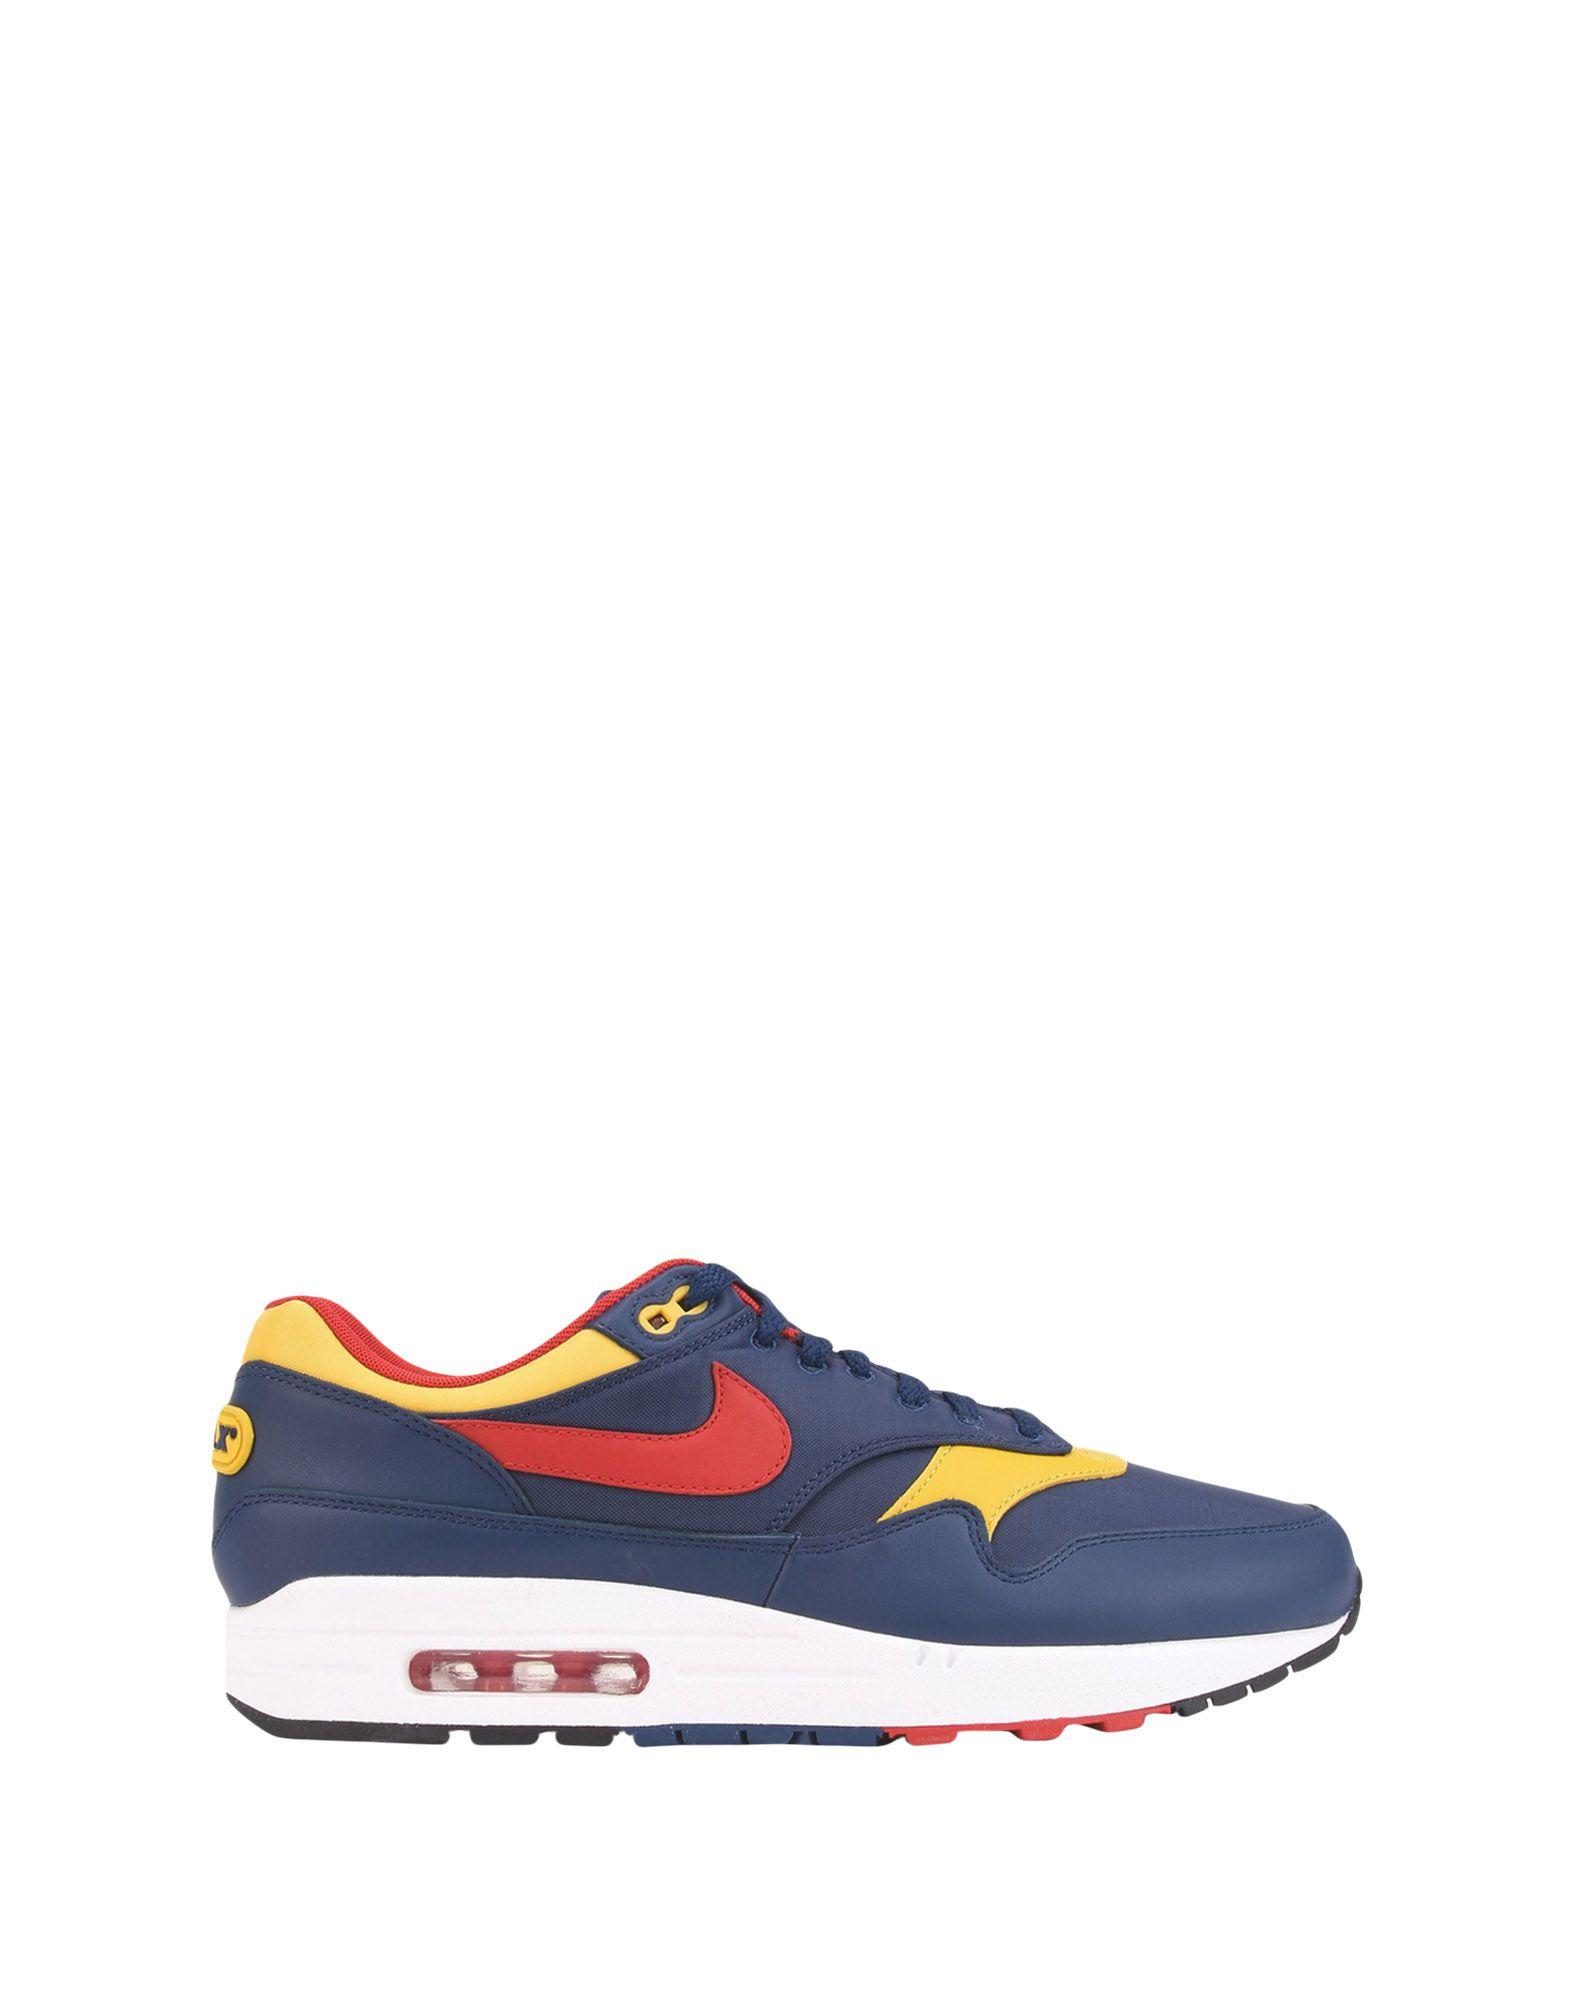 Sneakers Nike  Air Max 1 Premium - Homme - Sneakers Nike sur